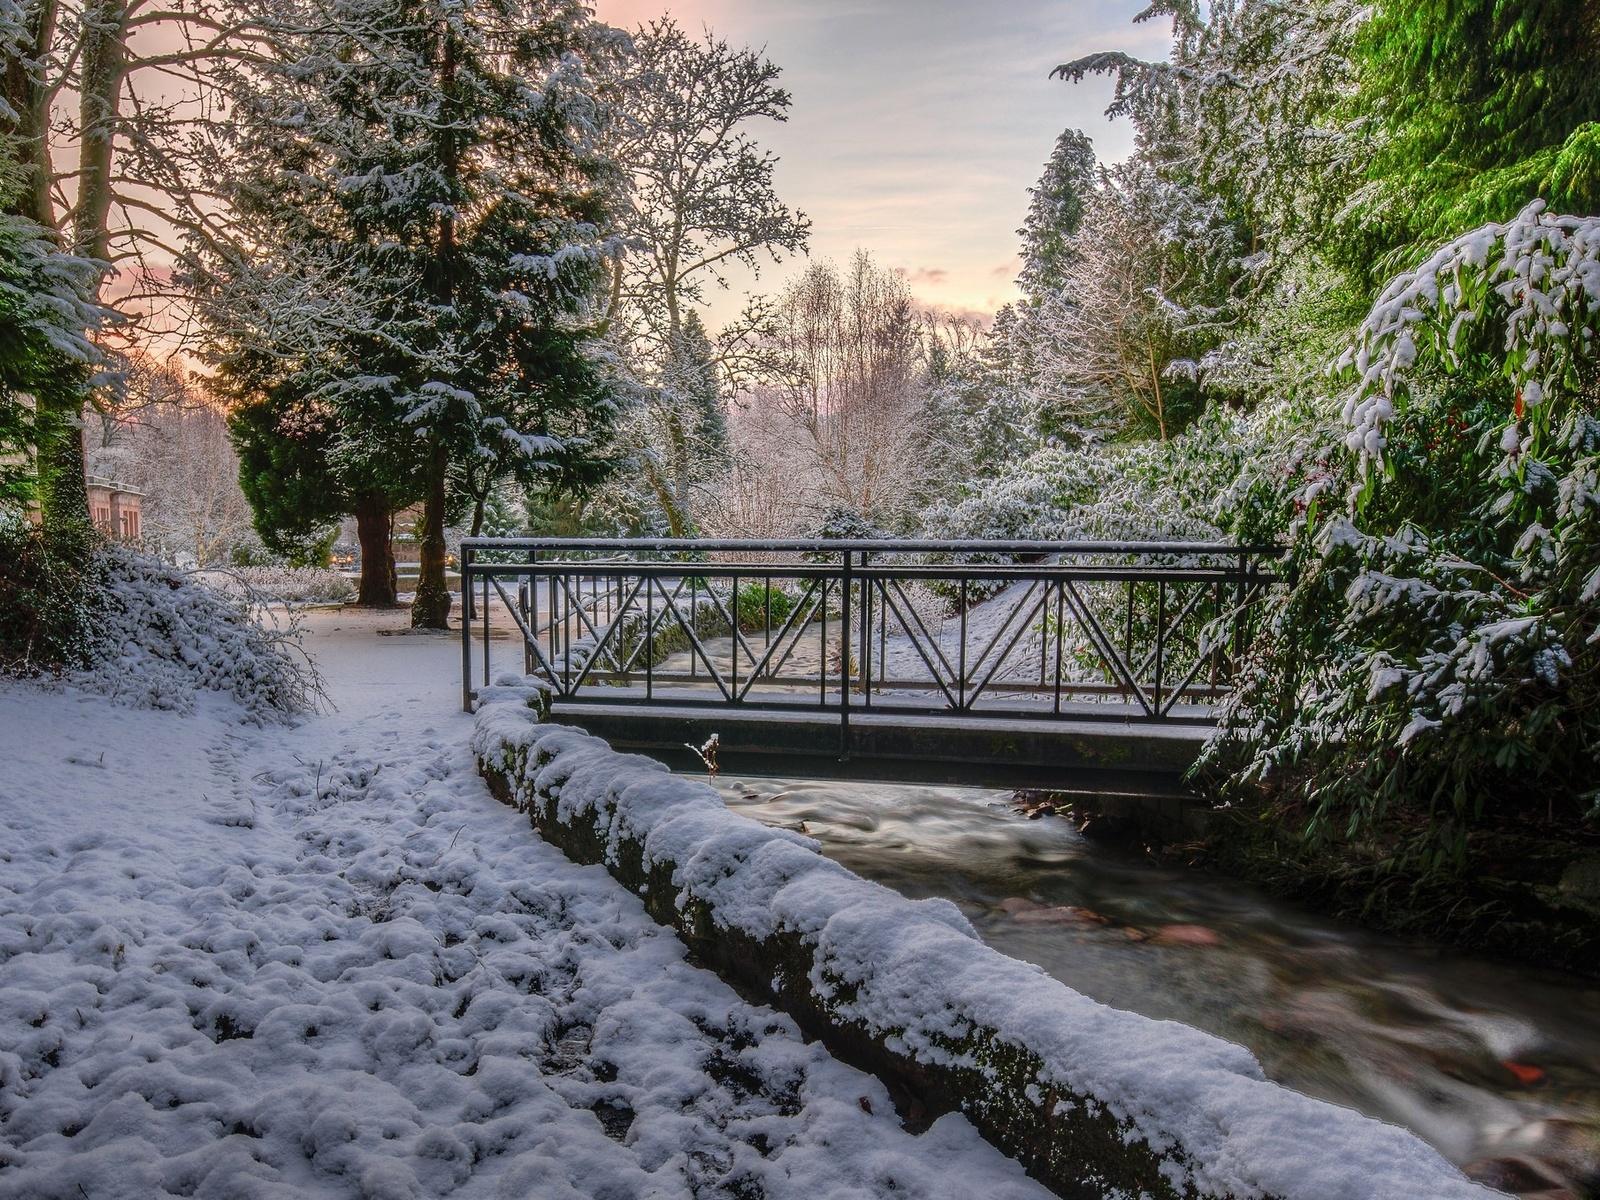 природа, зима, парк, деревья, снег, ручей, мостик